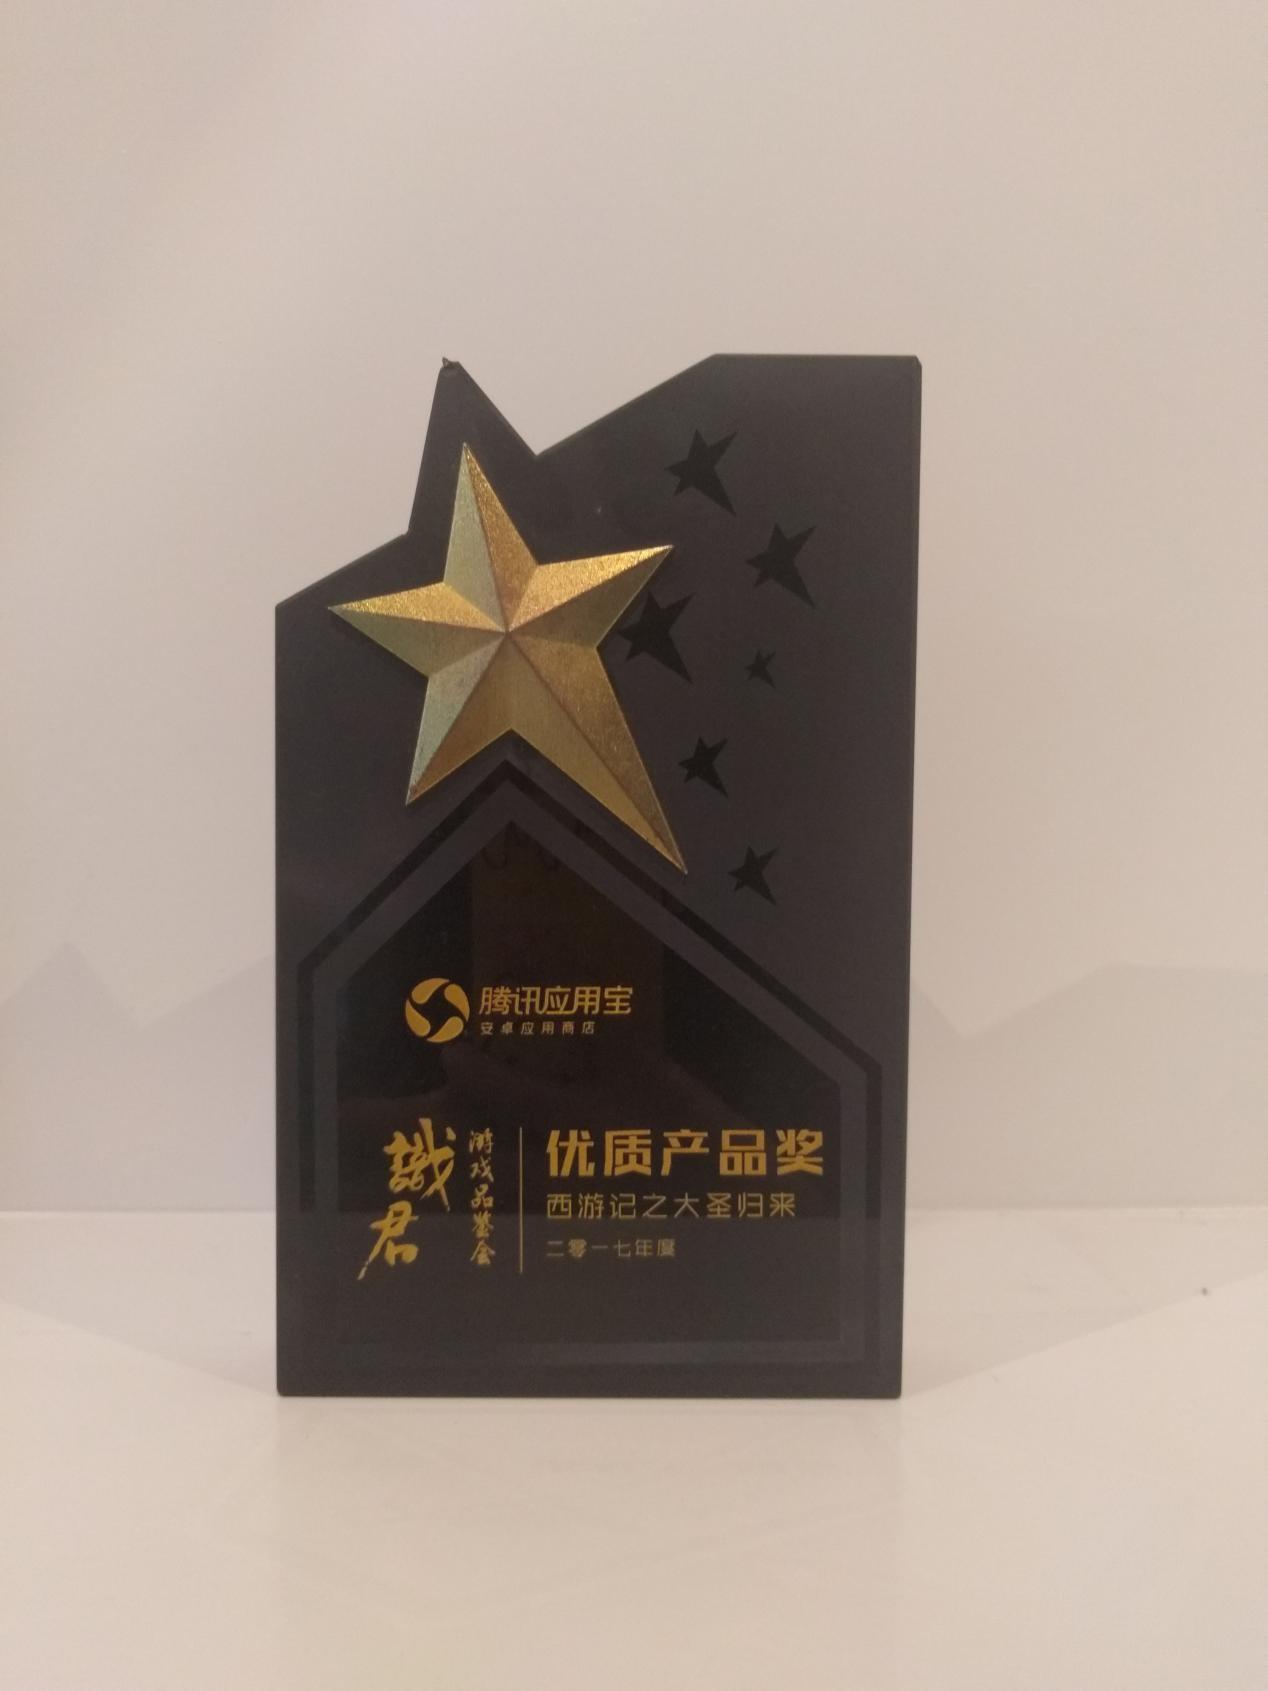 """2017年腾讯应用宝优质产品奖""""西游记之大圣归来"""""""